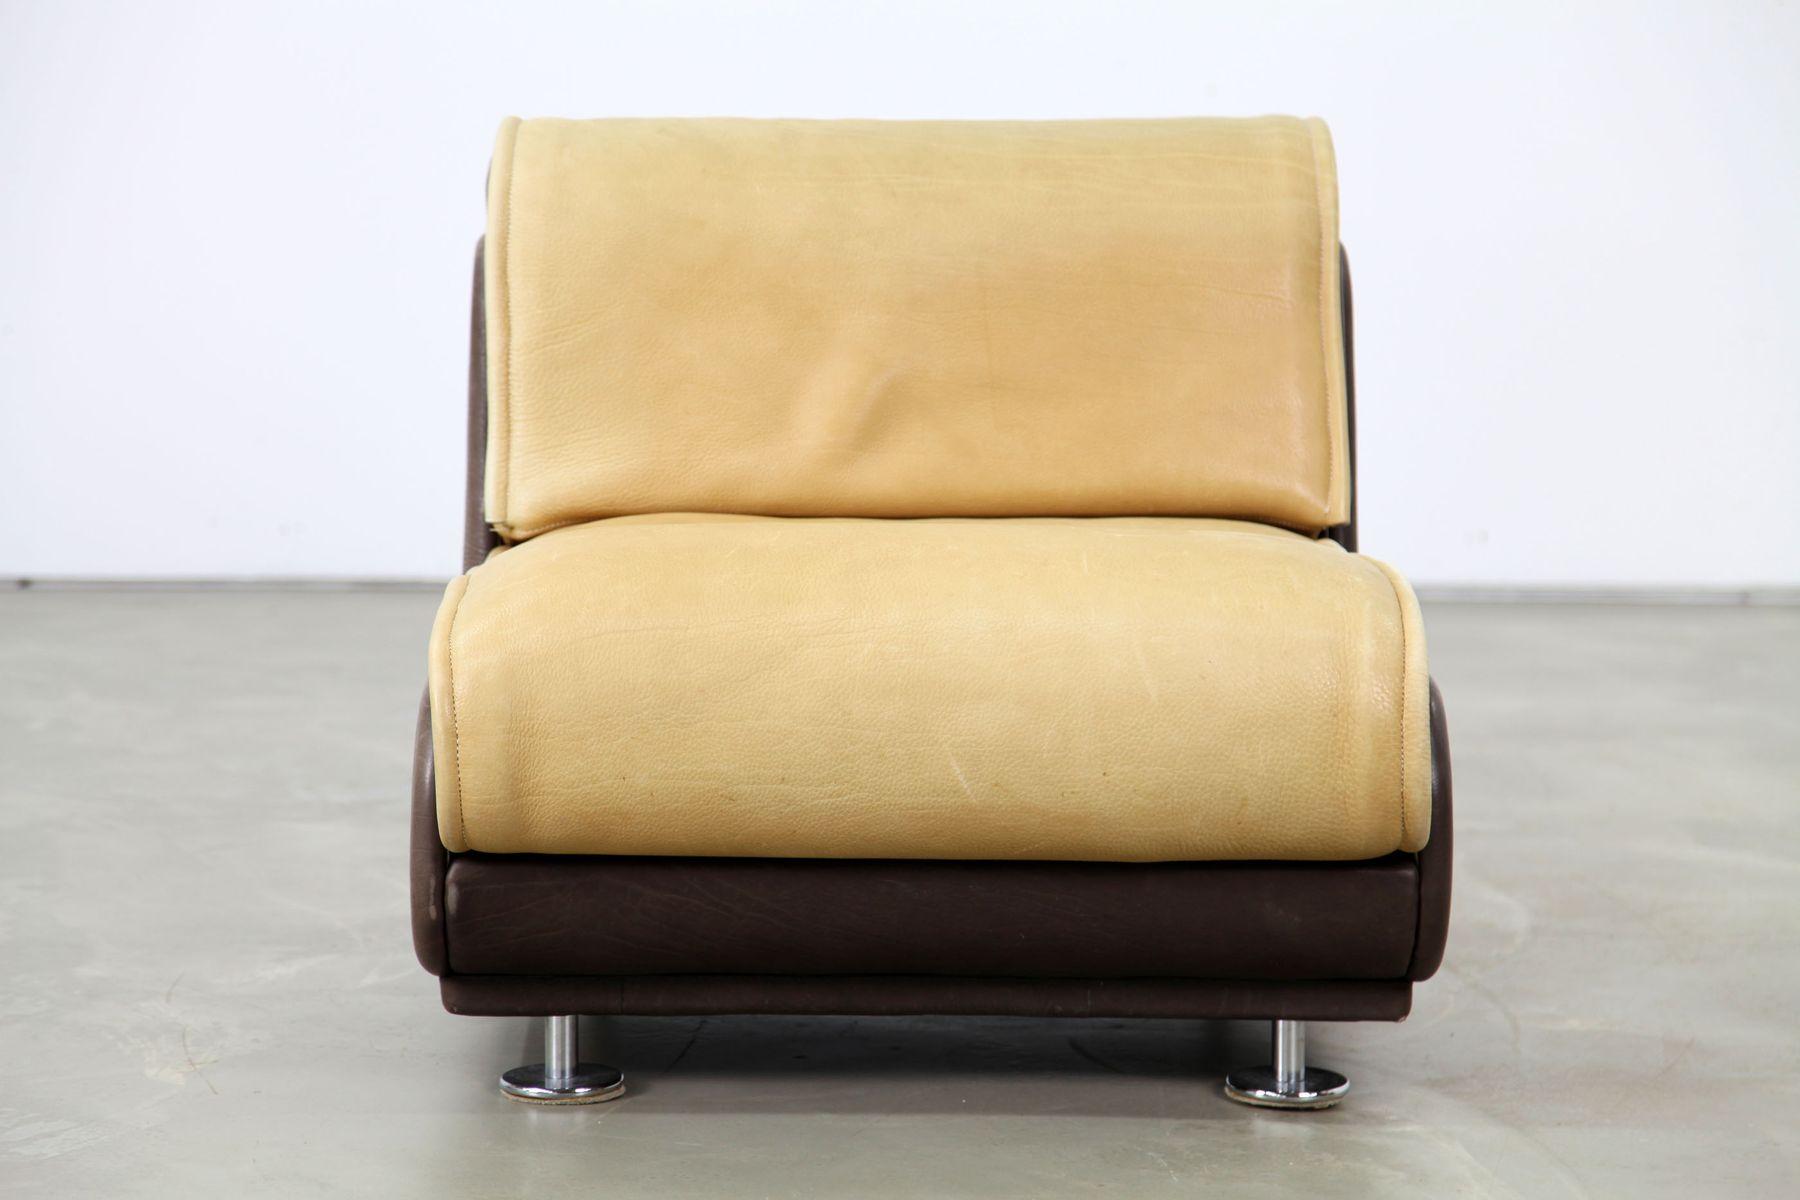 sessel aus nackenleder von de sede 1970er bei pamono kaufen. Black Bedroom Furniture Sets. Home Design Ideas